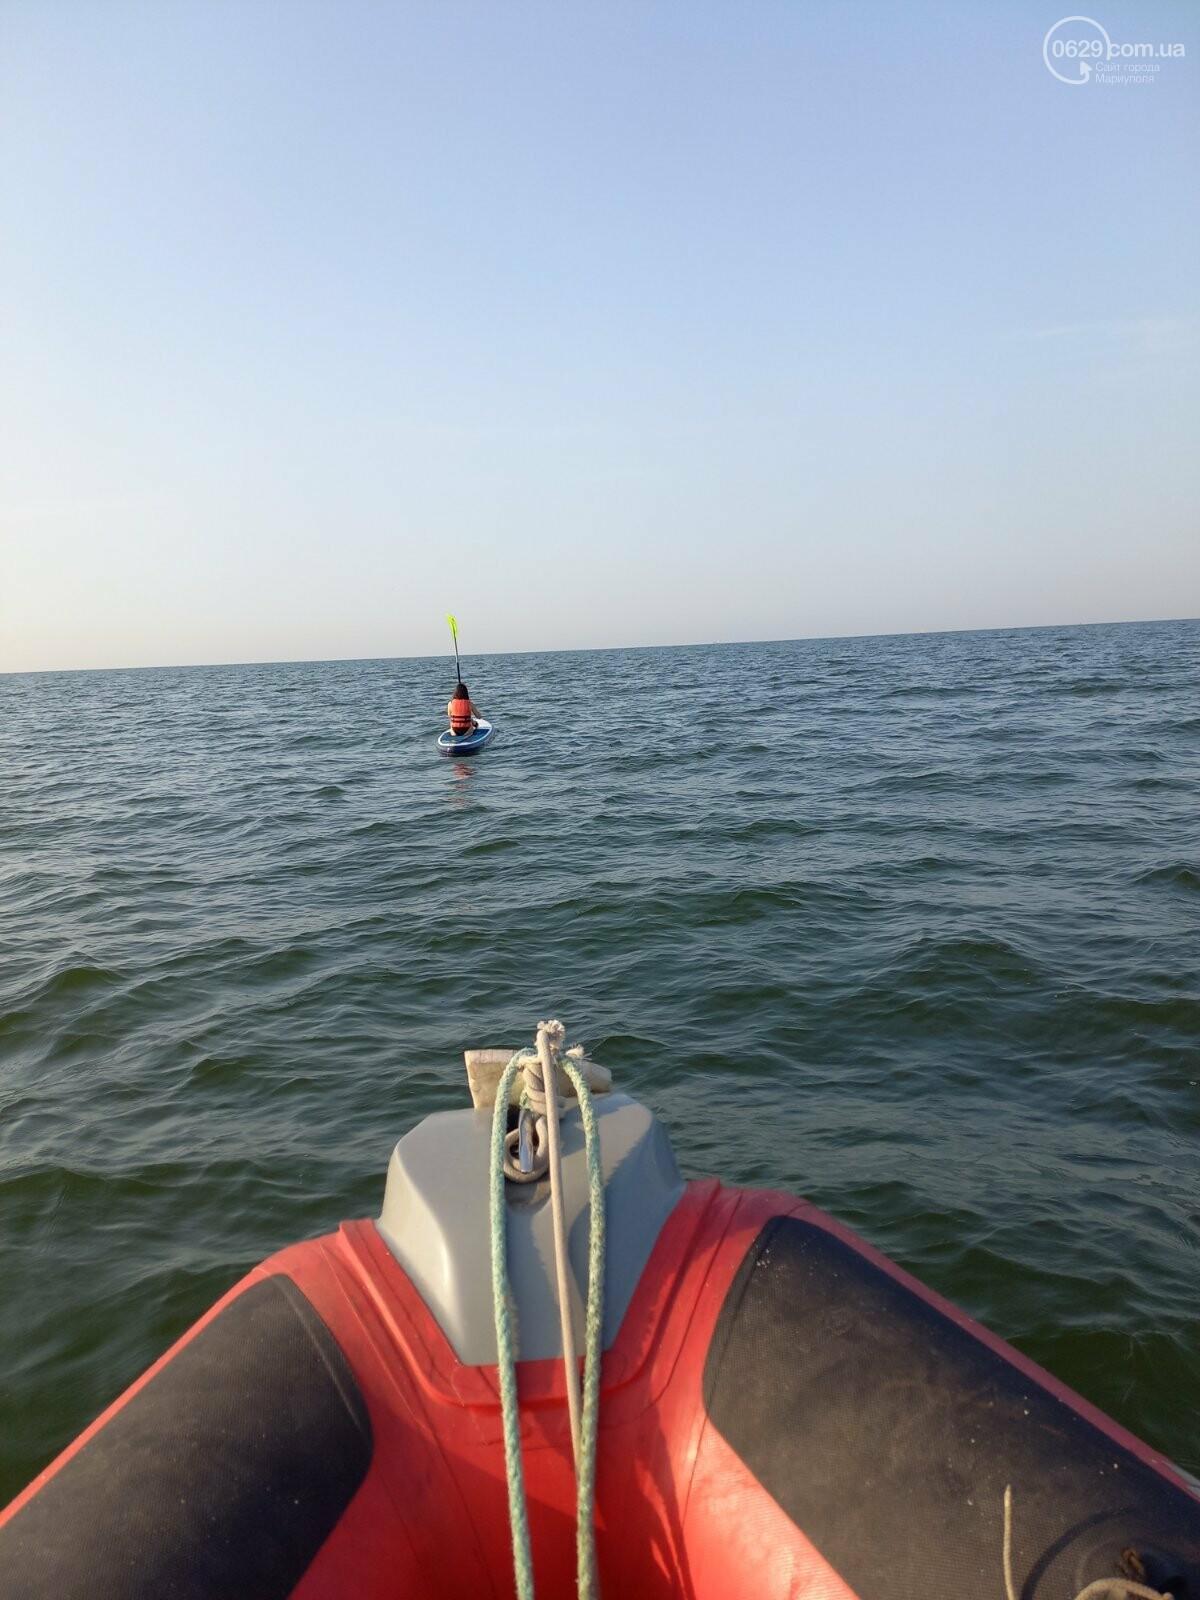 В Мариуполе девушку на  SUP-доске унесло в открытое море, - ФОТО, фото-1